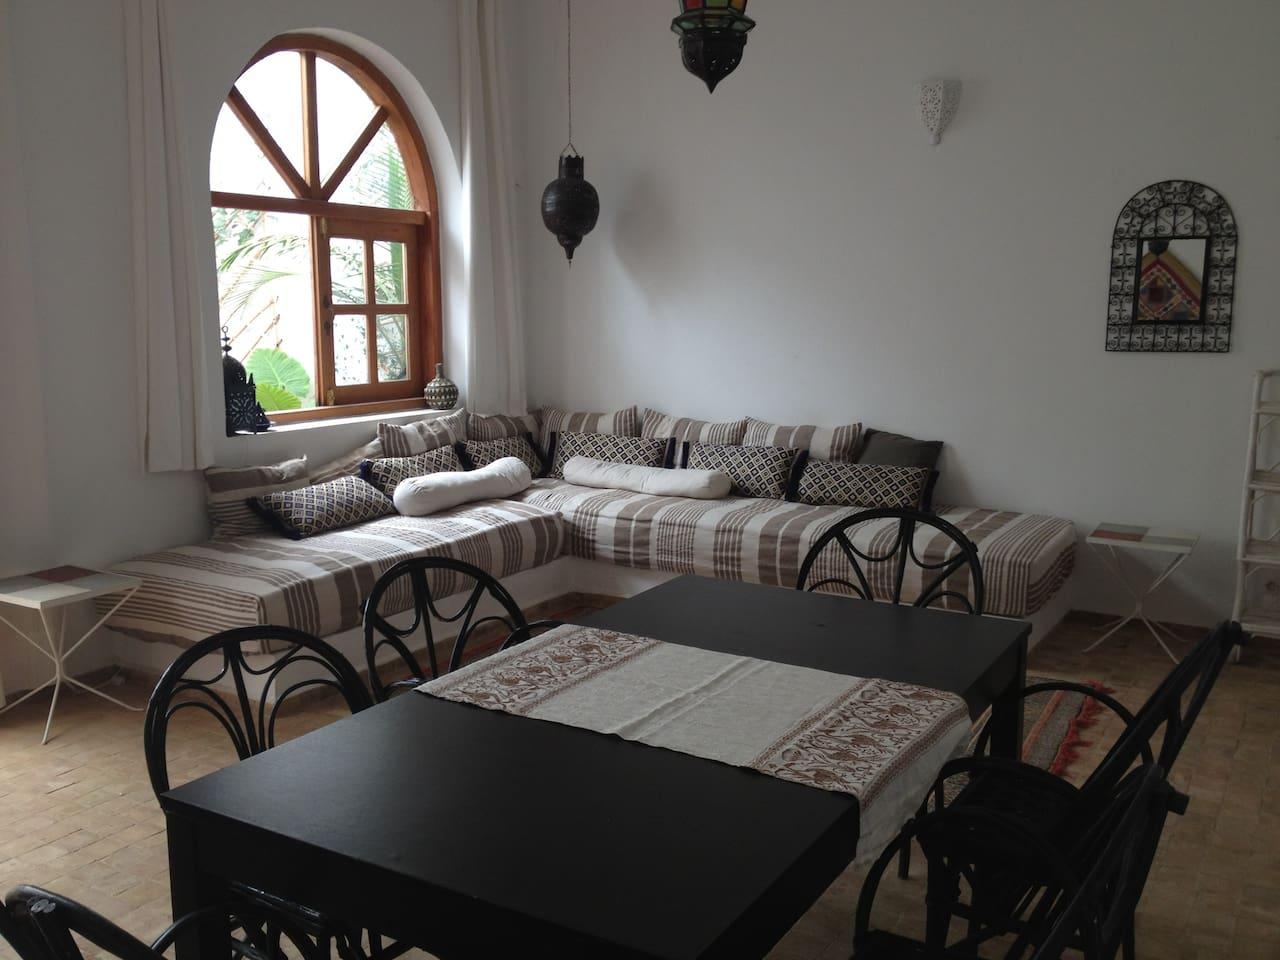 Salón comedor con ventana y puerta de salida a patio interior